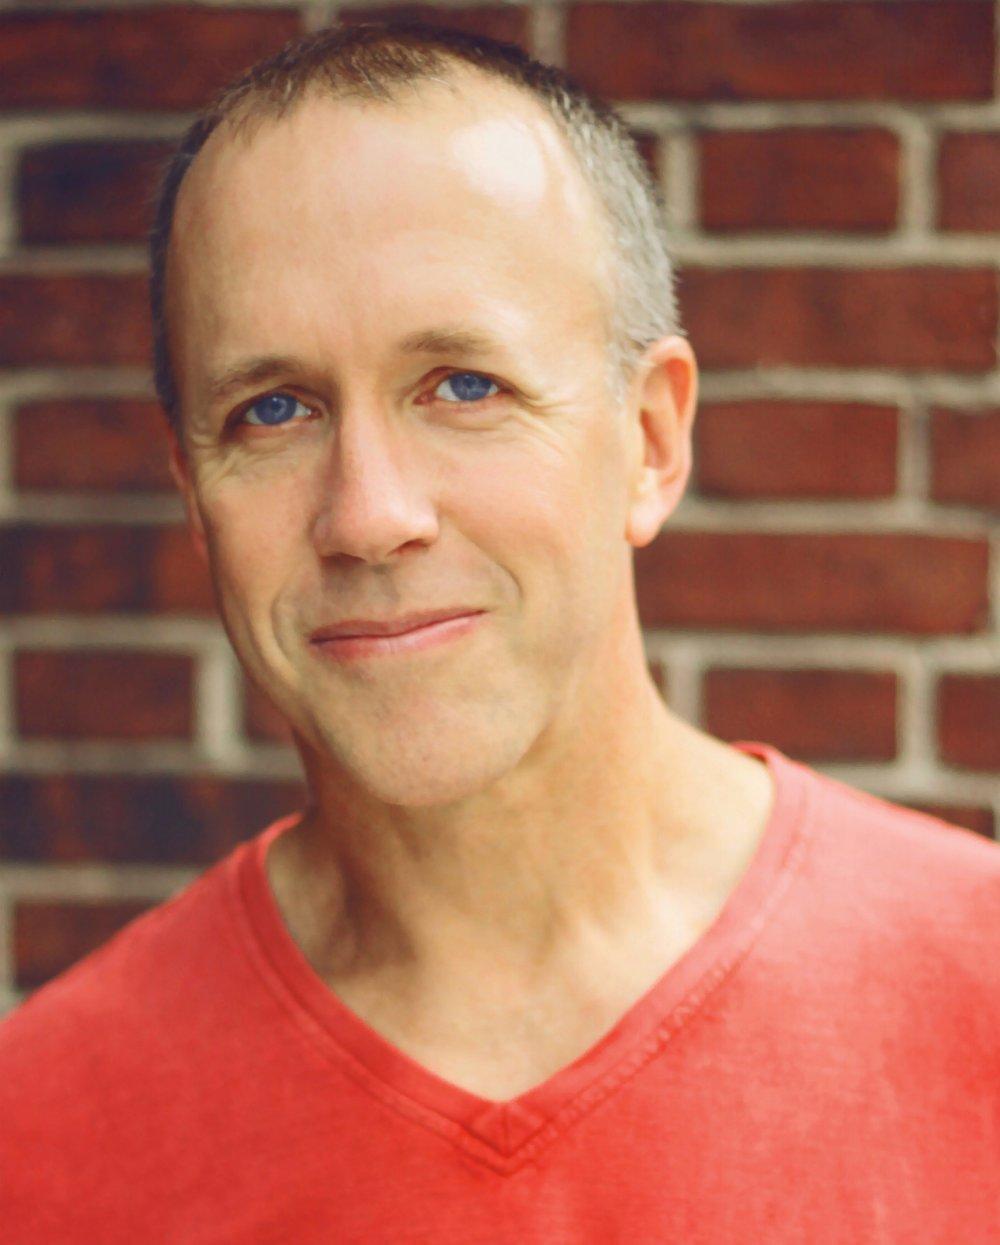 Duane Hespell (Man 2)